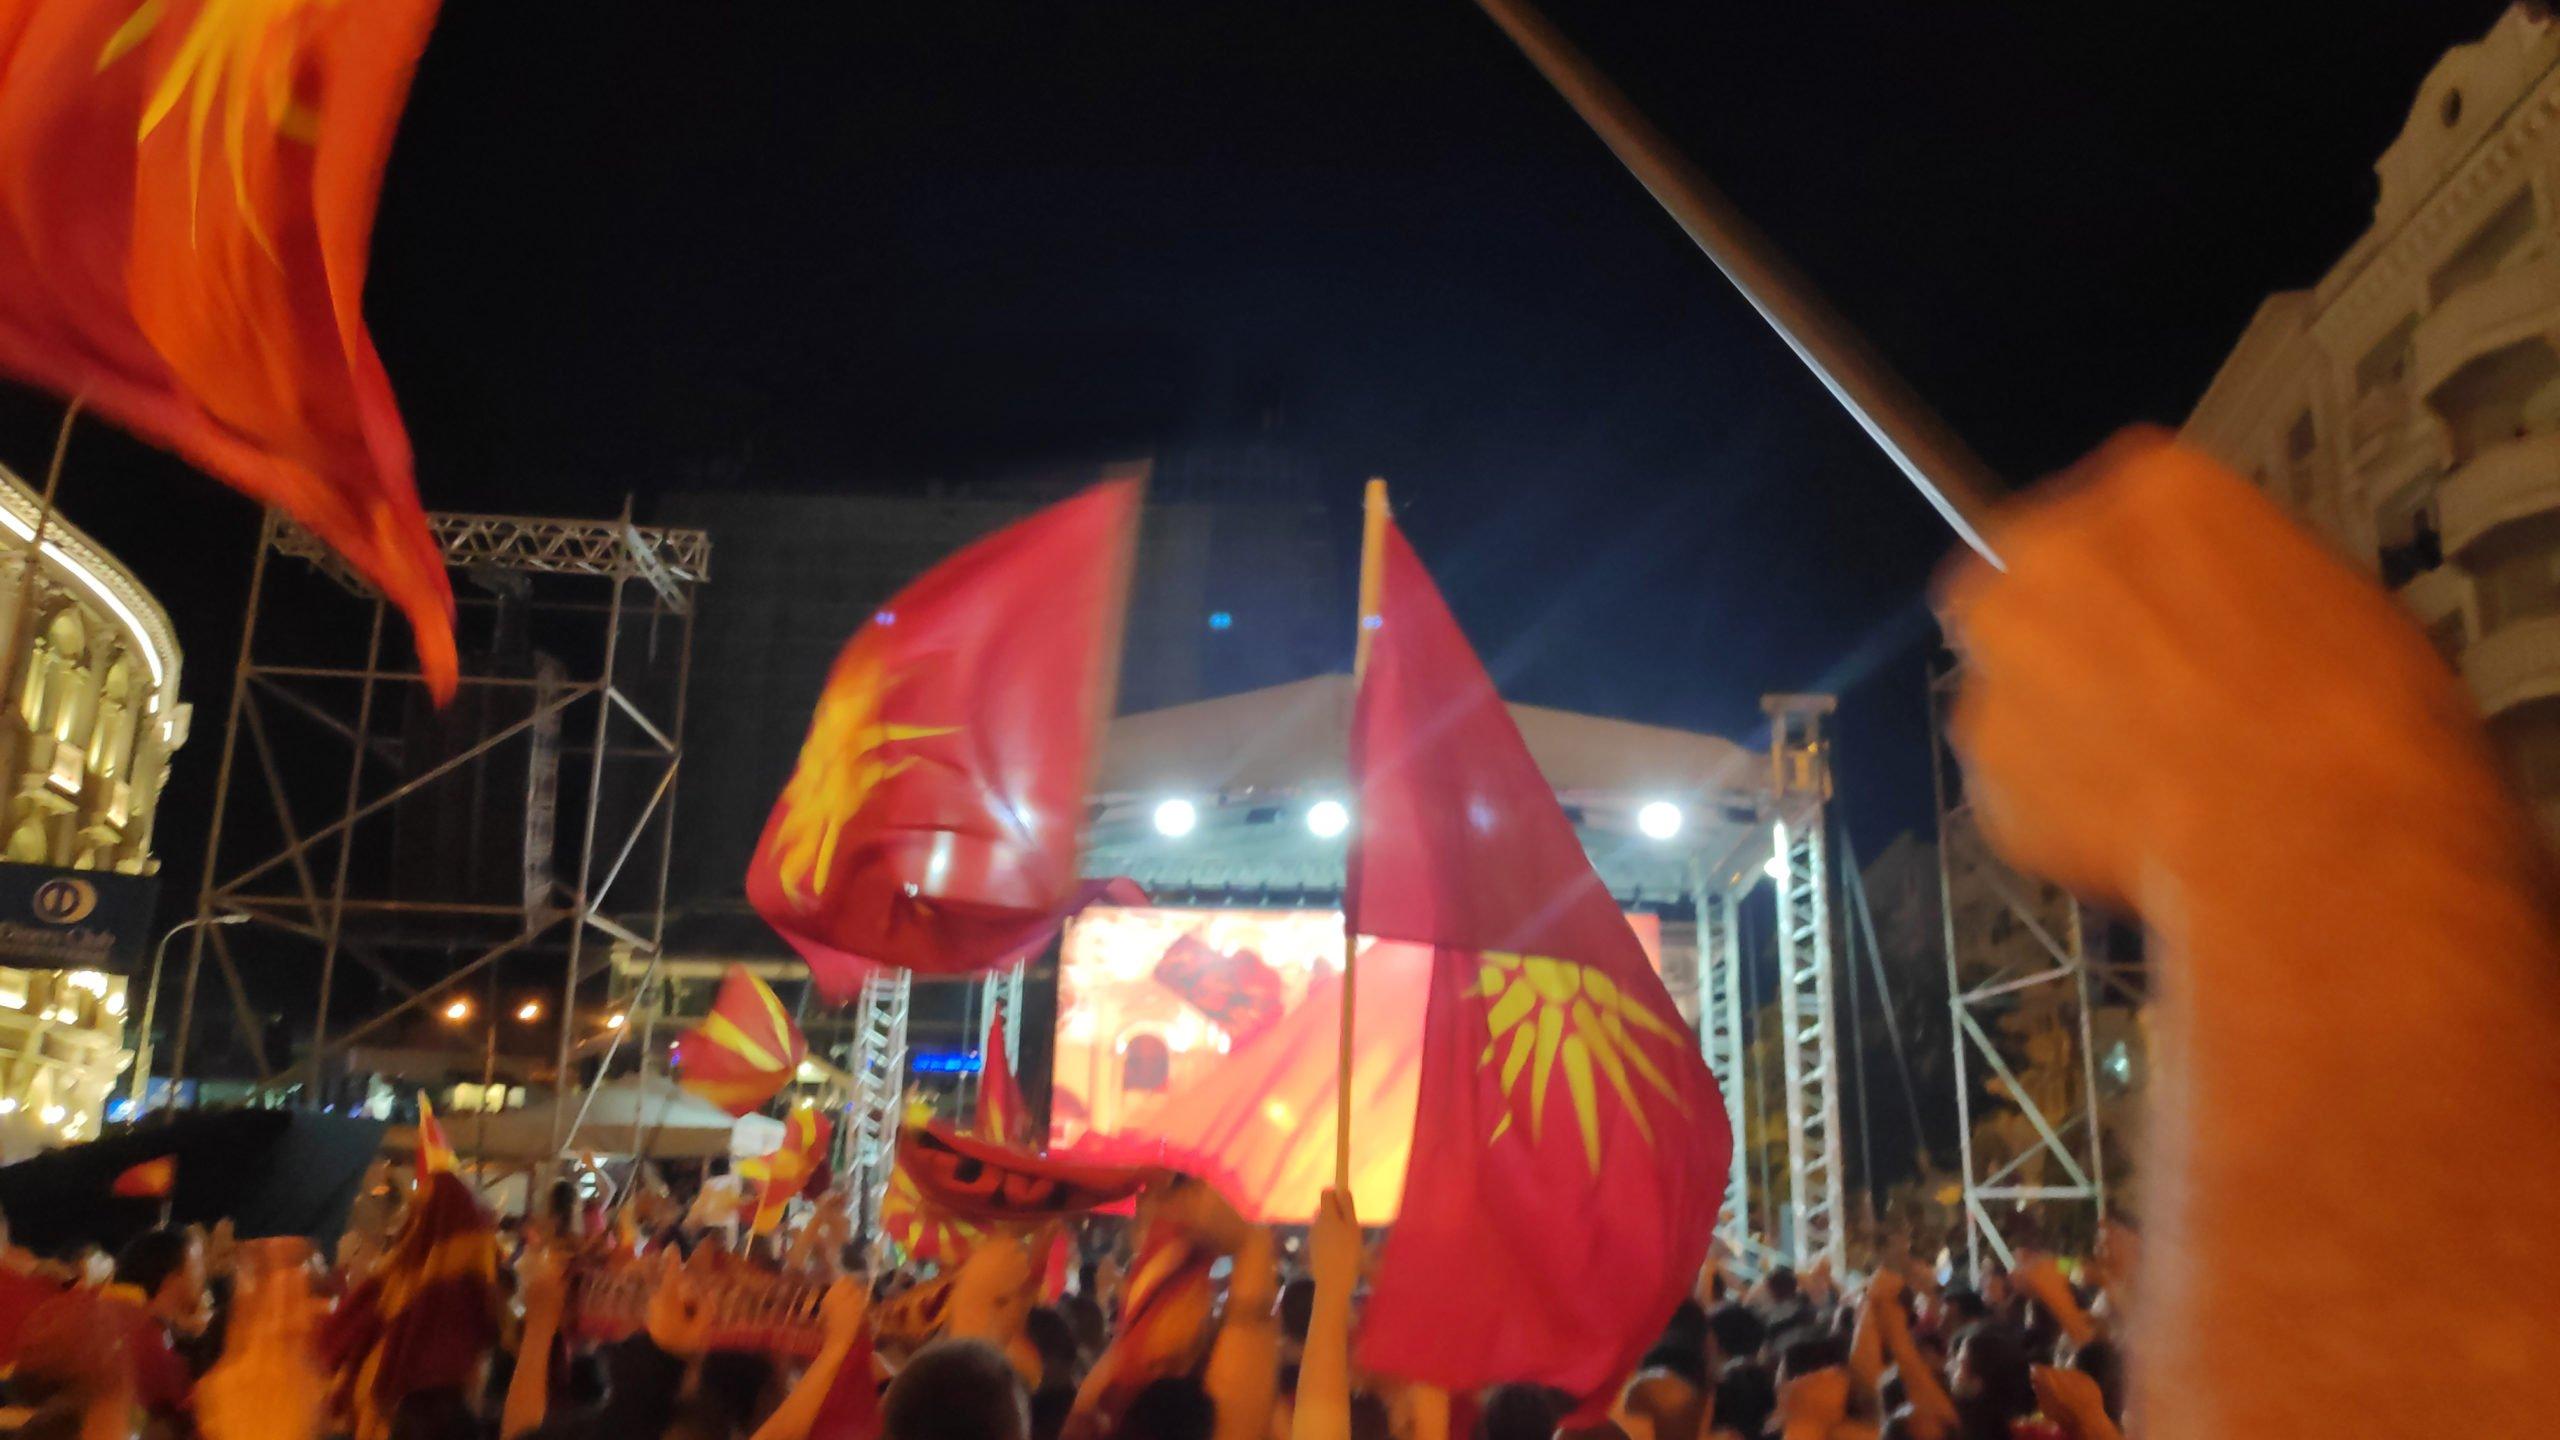 """Денот кога повеќе од 100 000 Македонци поединци извикуваа на цел глас: """"Никогаш северна, само Македонија!"""""""